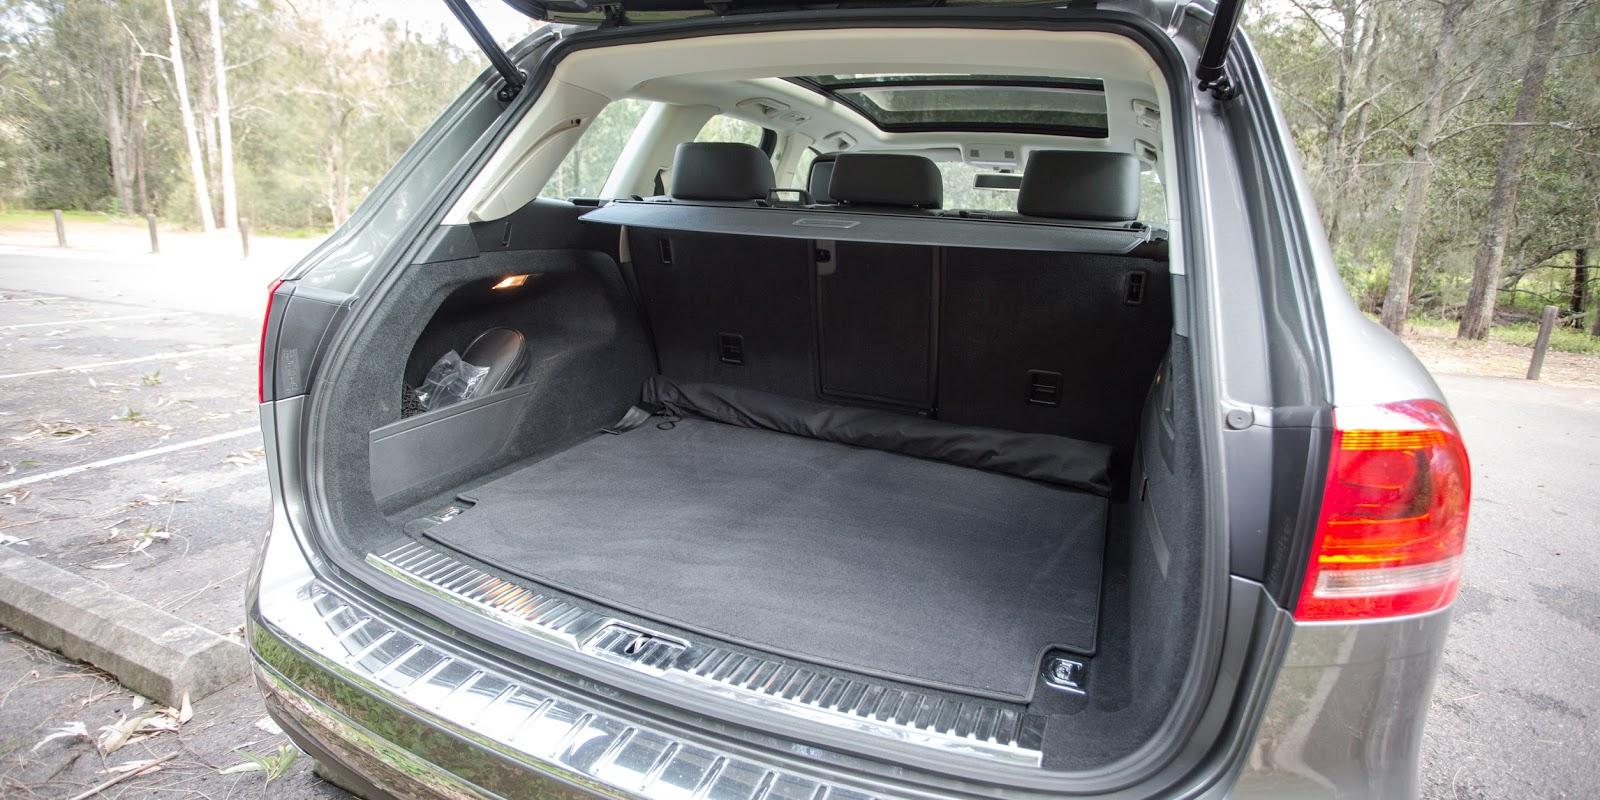 Khoang hành lý có thể bỏ được rất nhiều đồ, điểm mạnh của những chiếc Volkswagen